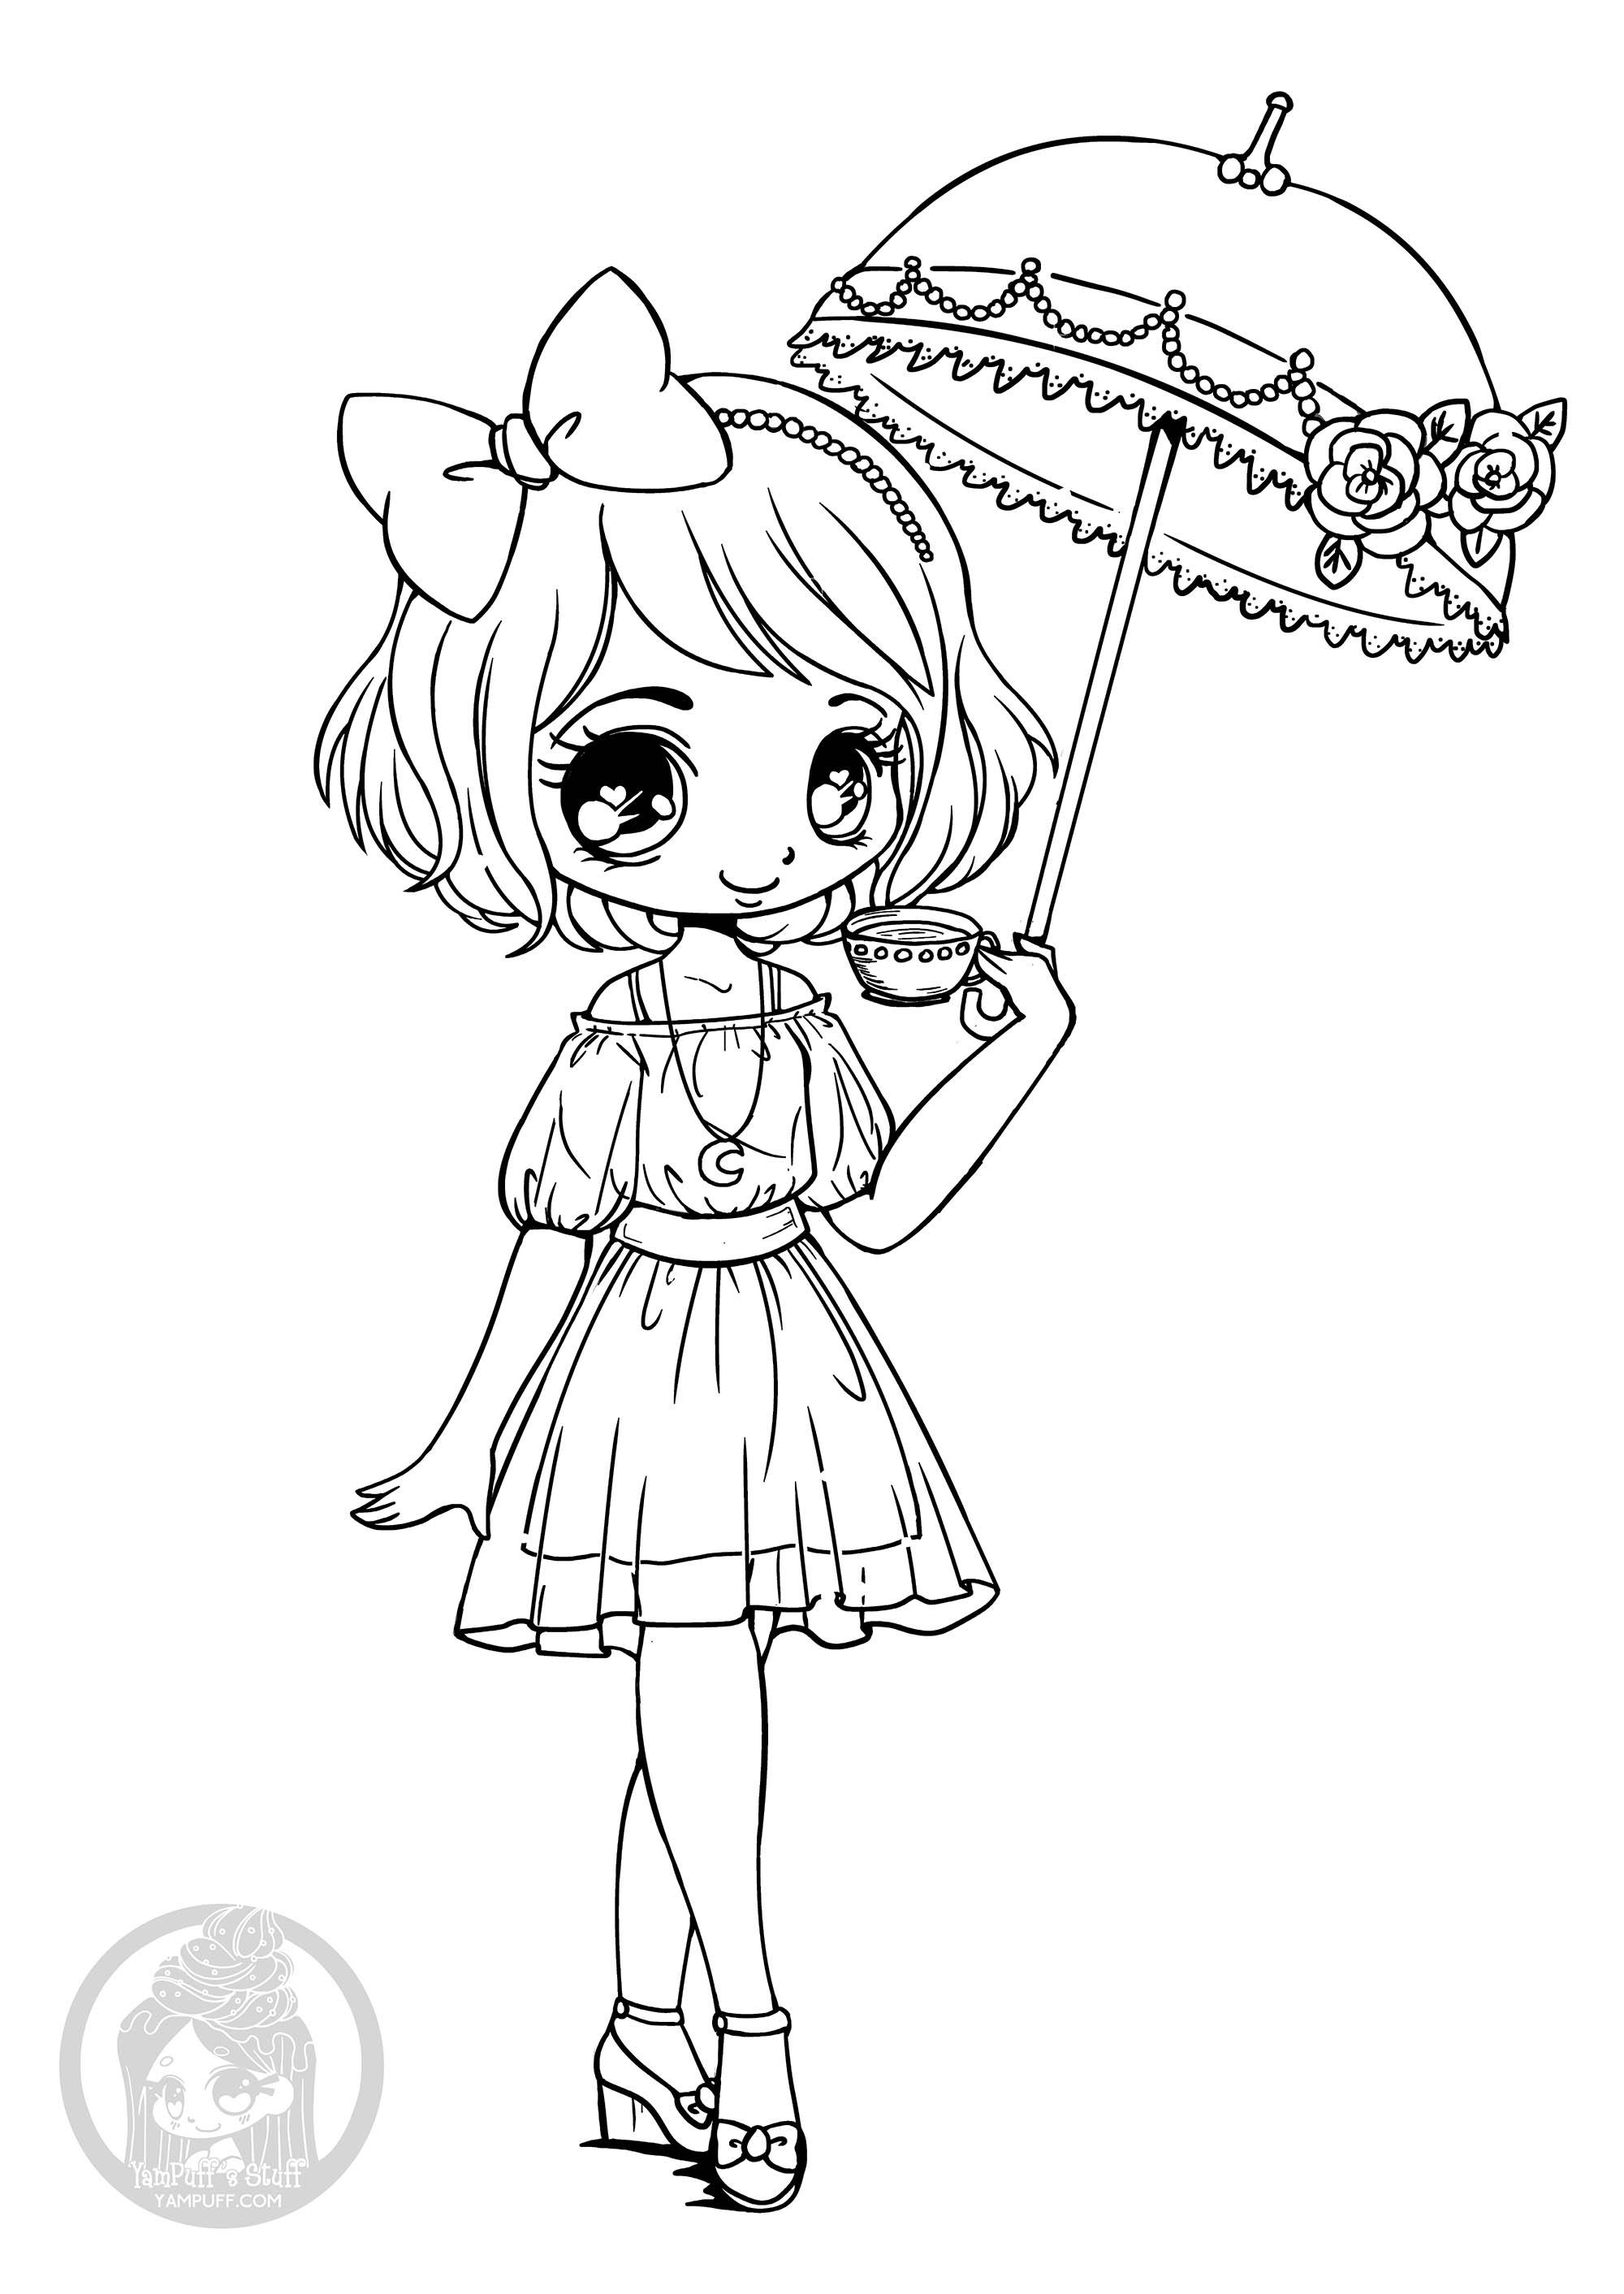 Coloriage Petite Fille Parapluie.La Fille Au Retour En Enfance Coloriages Difficiles Pour